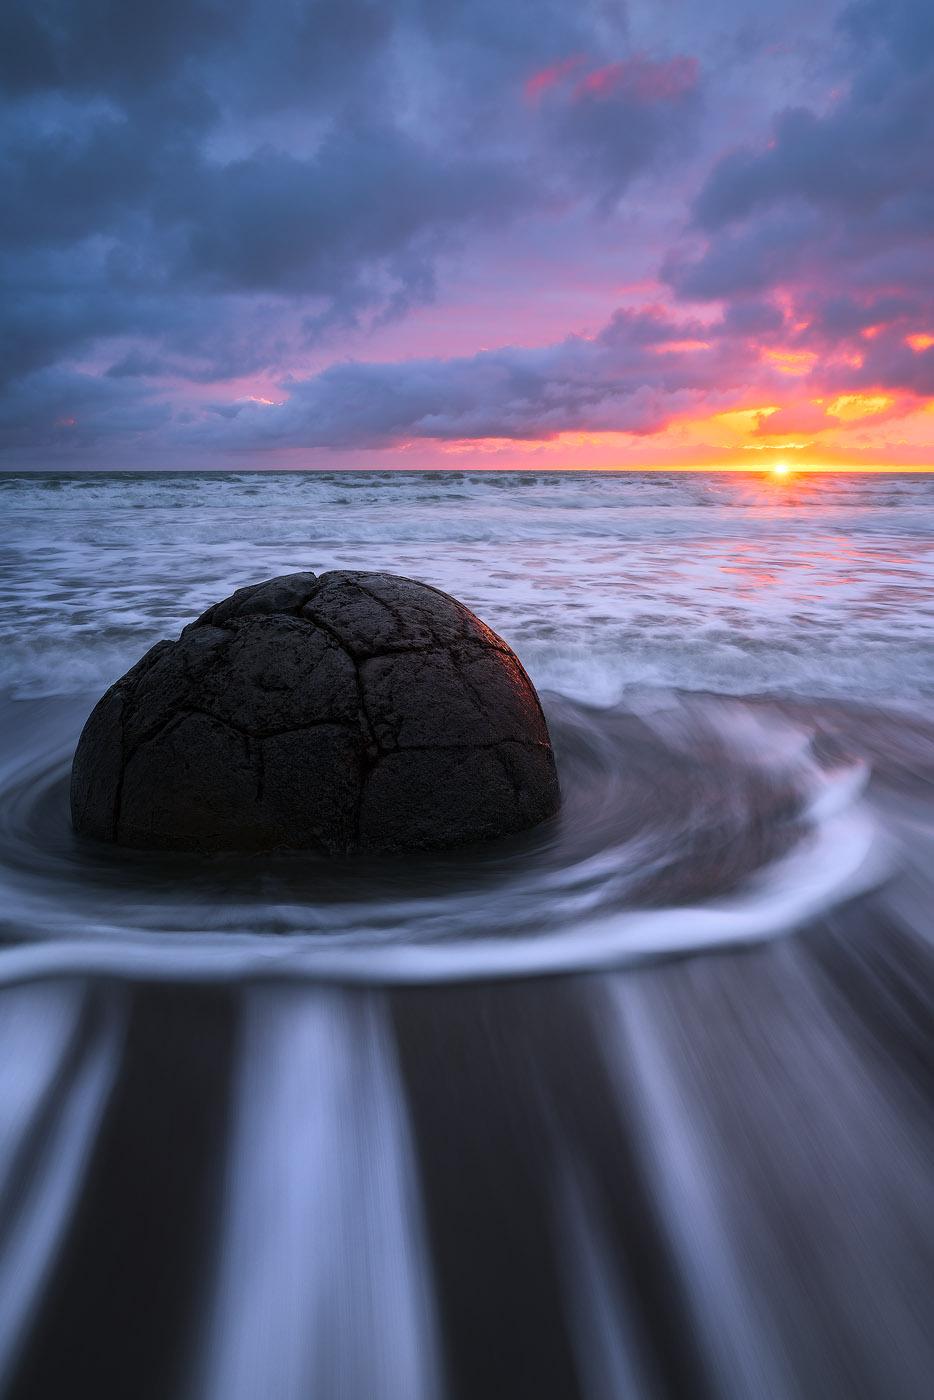 Moeraki-Boulders-Sunrise-Long-Exposure-New-Zealand.jpg